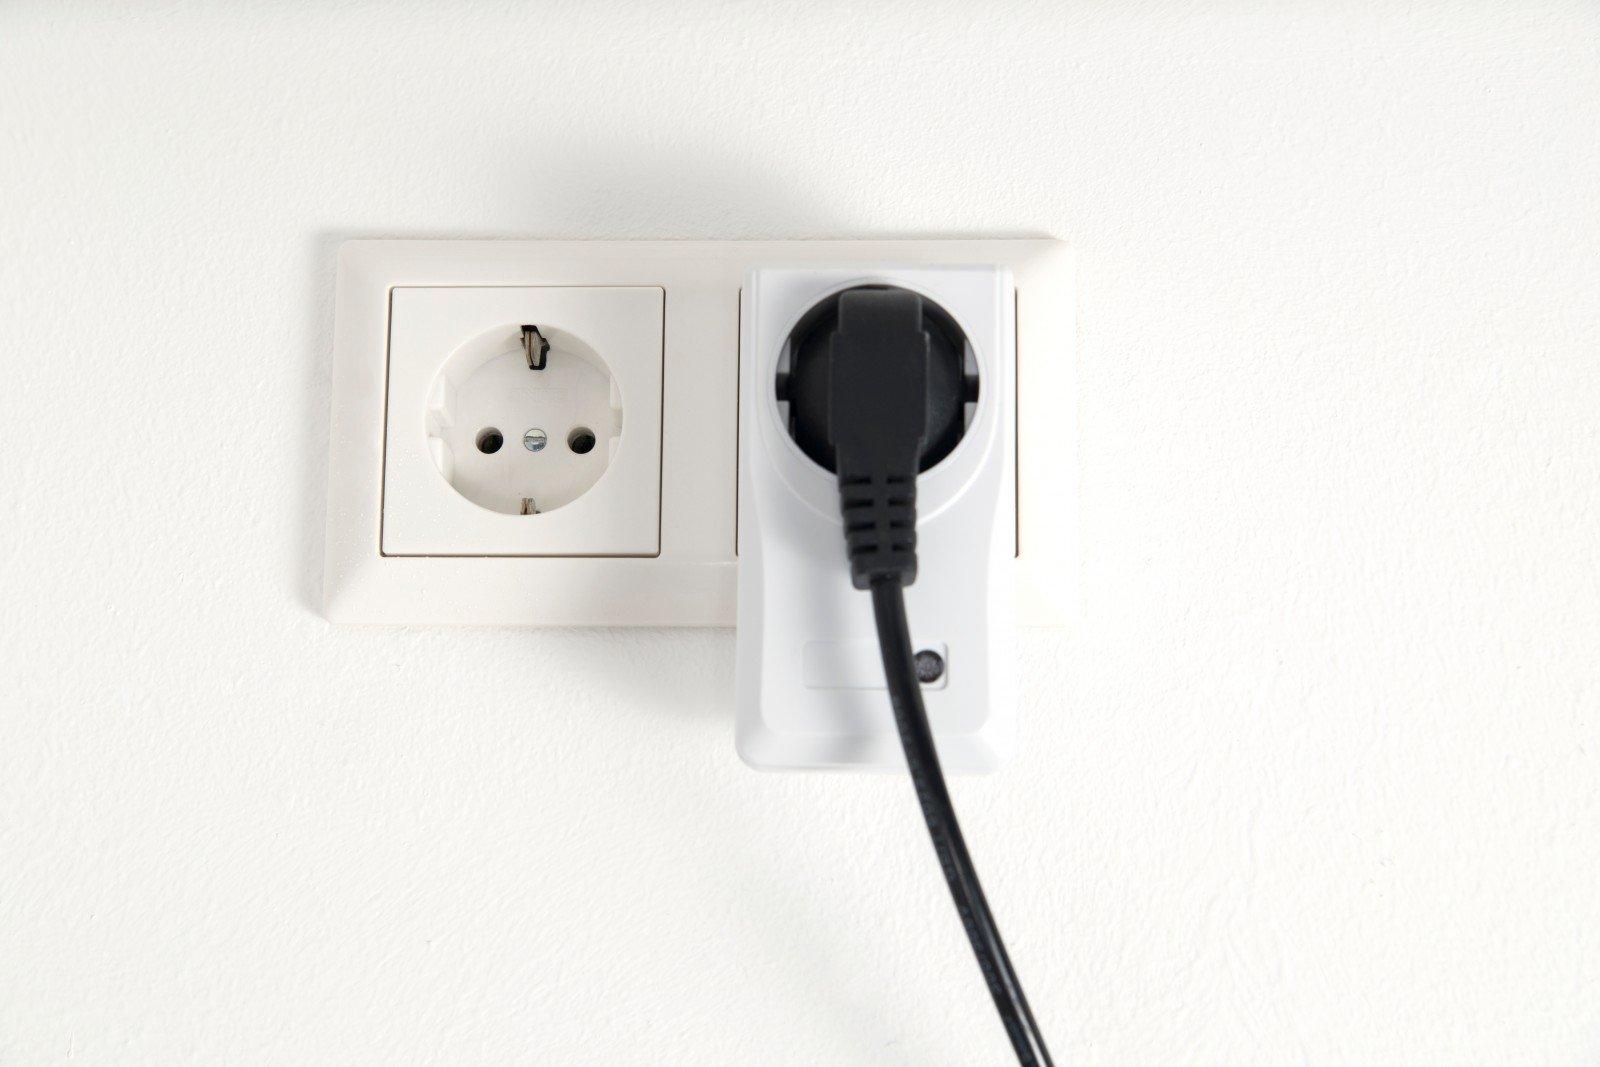 Dėl Prekybos elektros energija taisyklių patvirtinimo